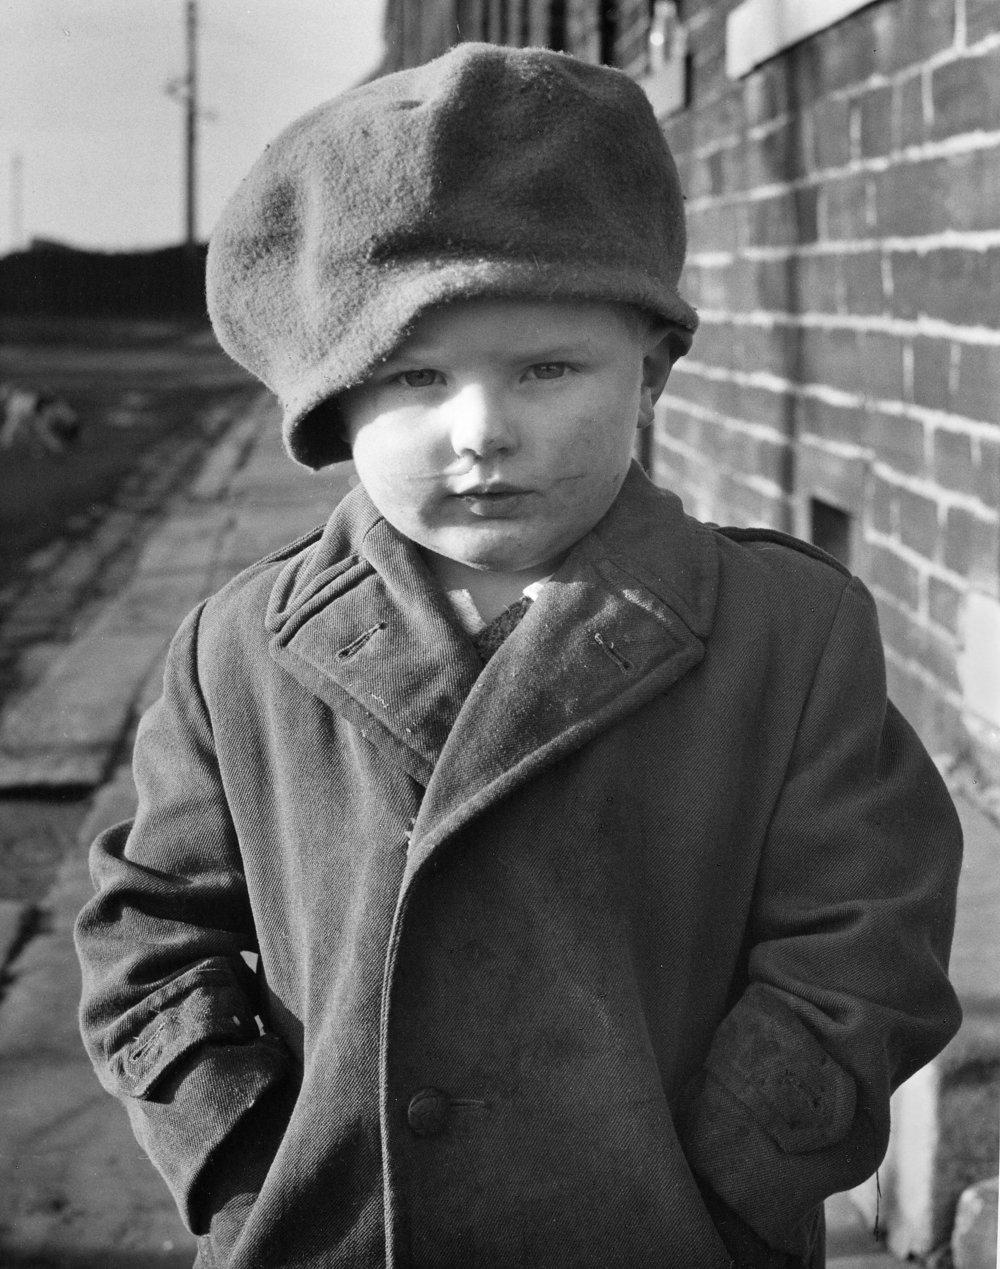 Bradford Boy (1958)